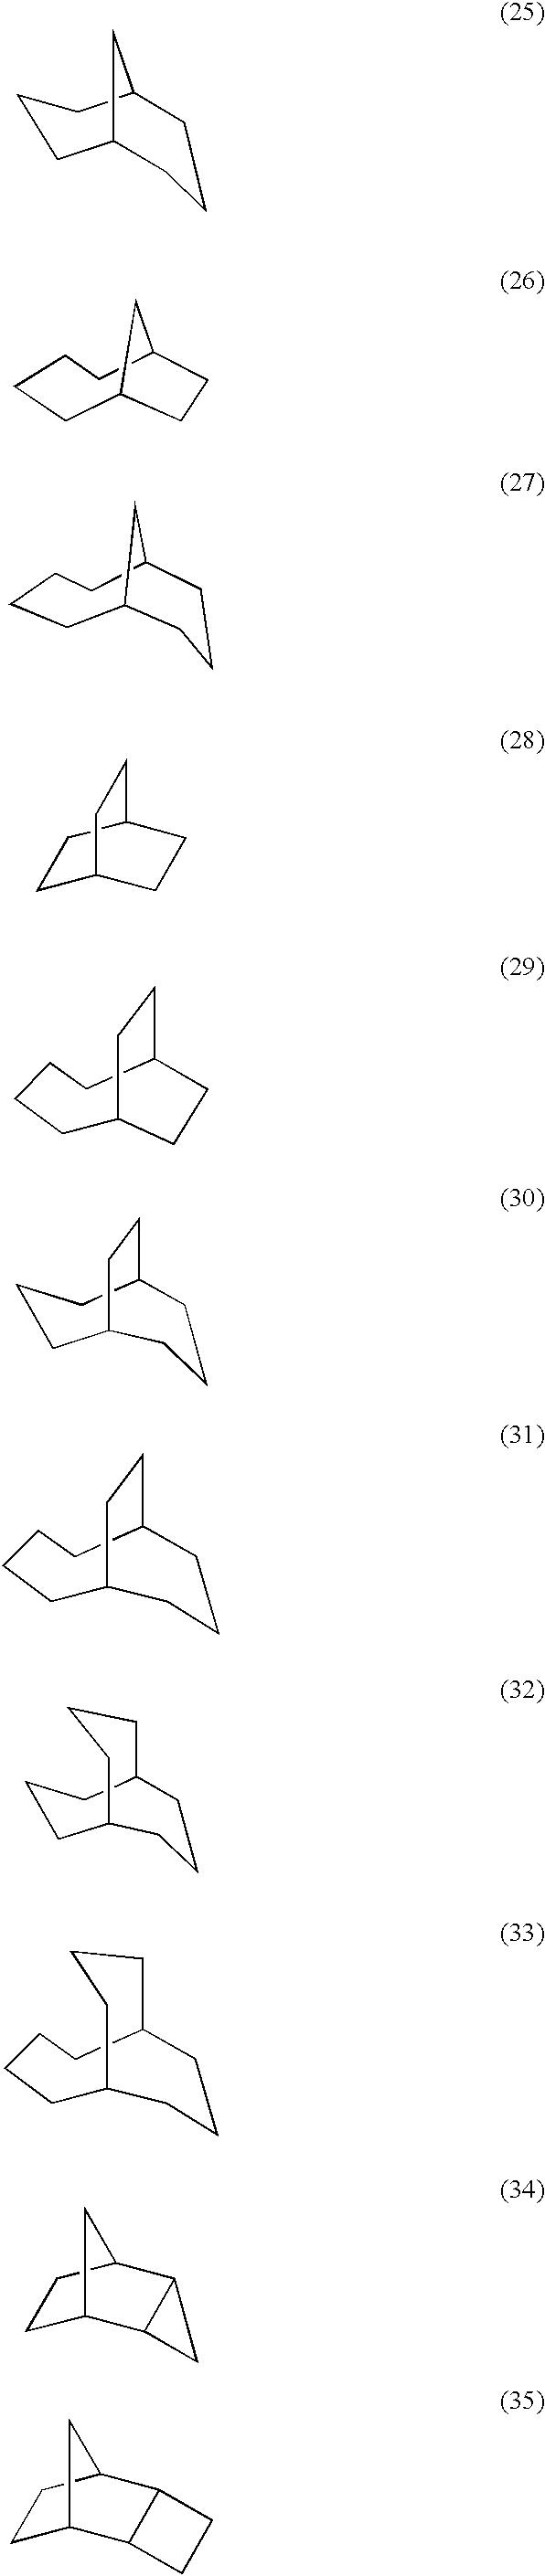 Figure US06492091-20021210-C00051